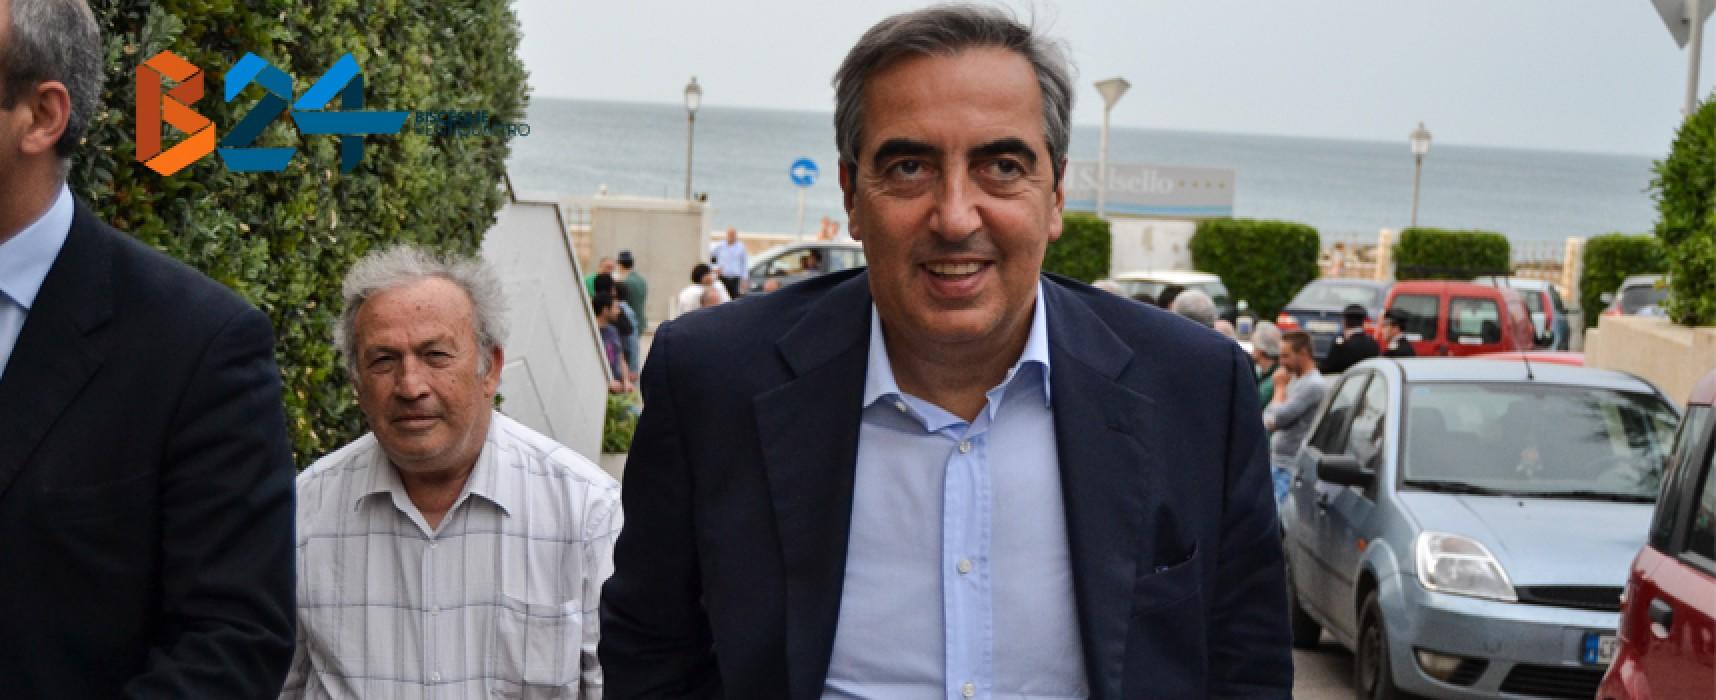 """Gasparri a Bisceglie: """"I trasformisti della politica meritano un calcio nel sedere"""" / FOTO"""